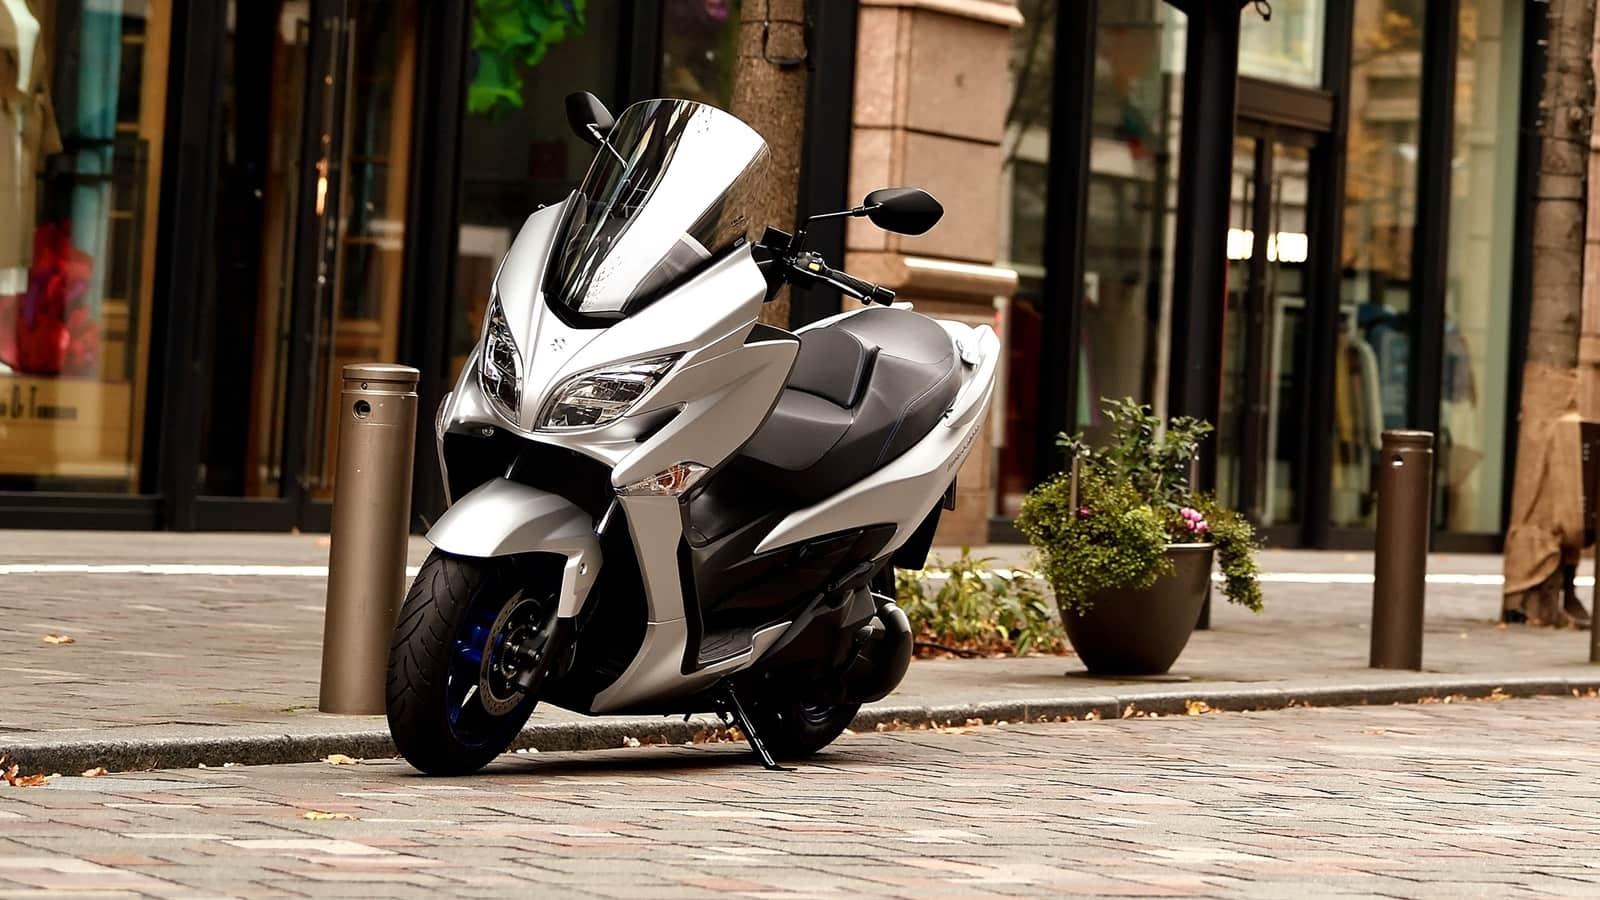 4. Suzuki Burgman 400 2021